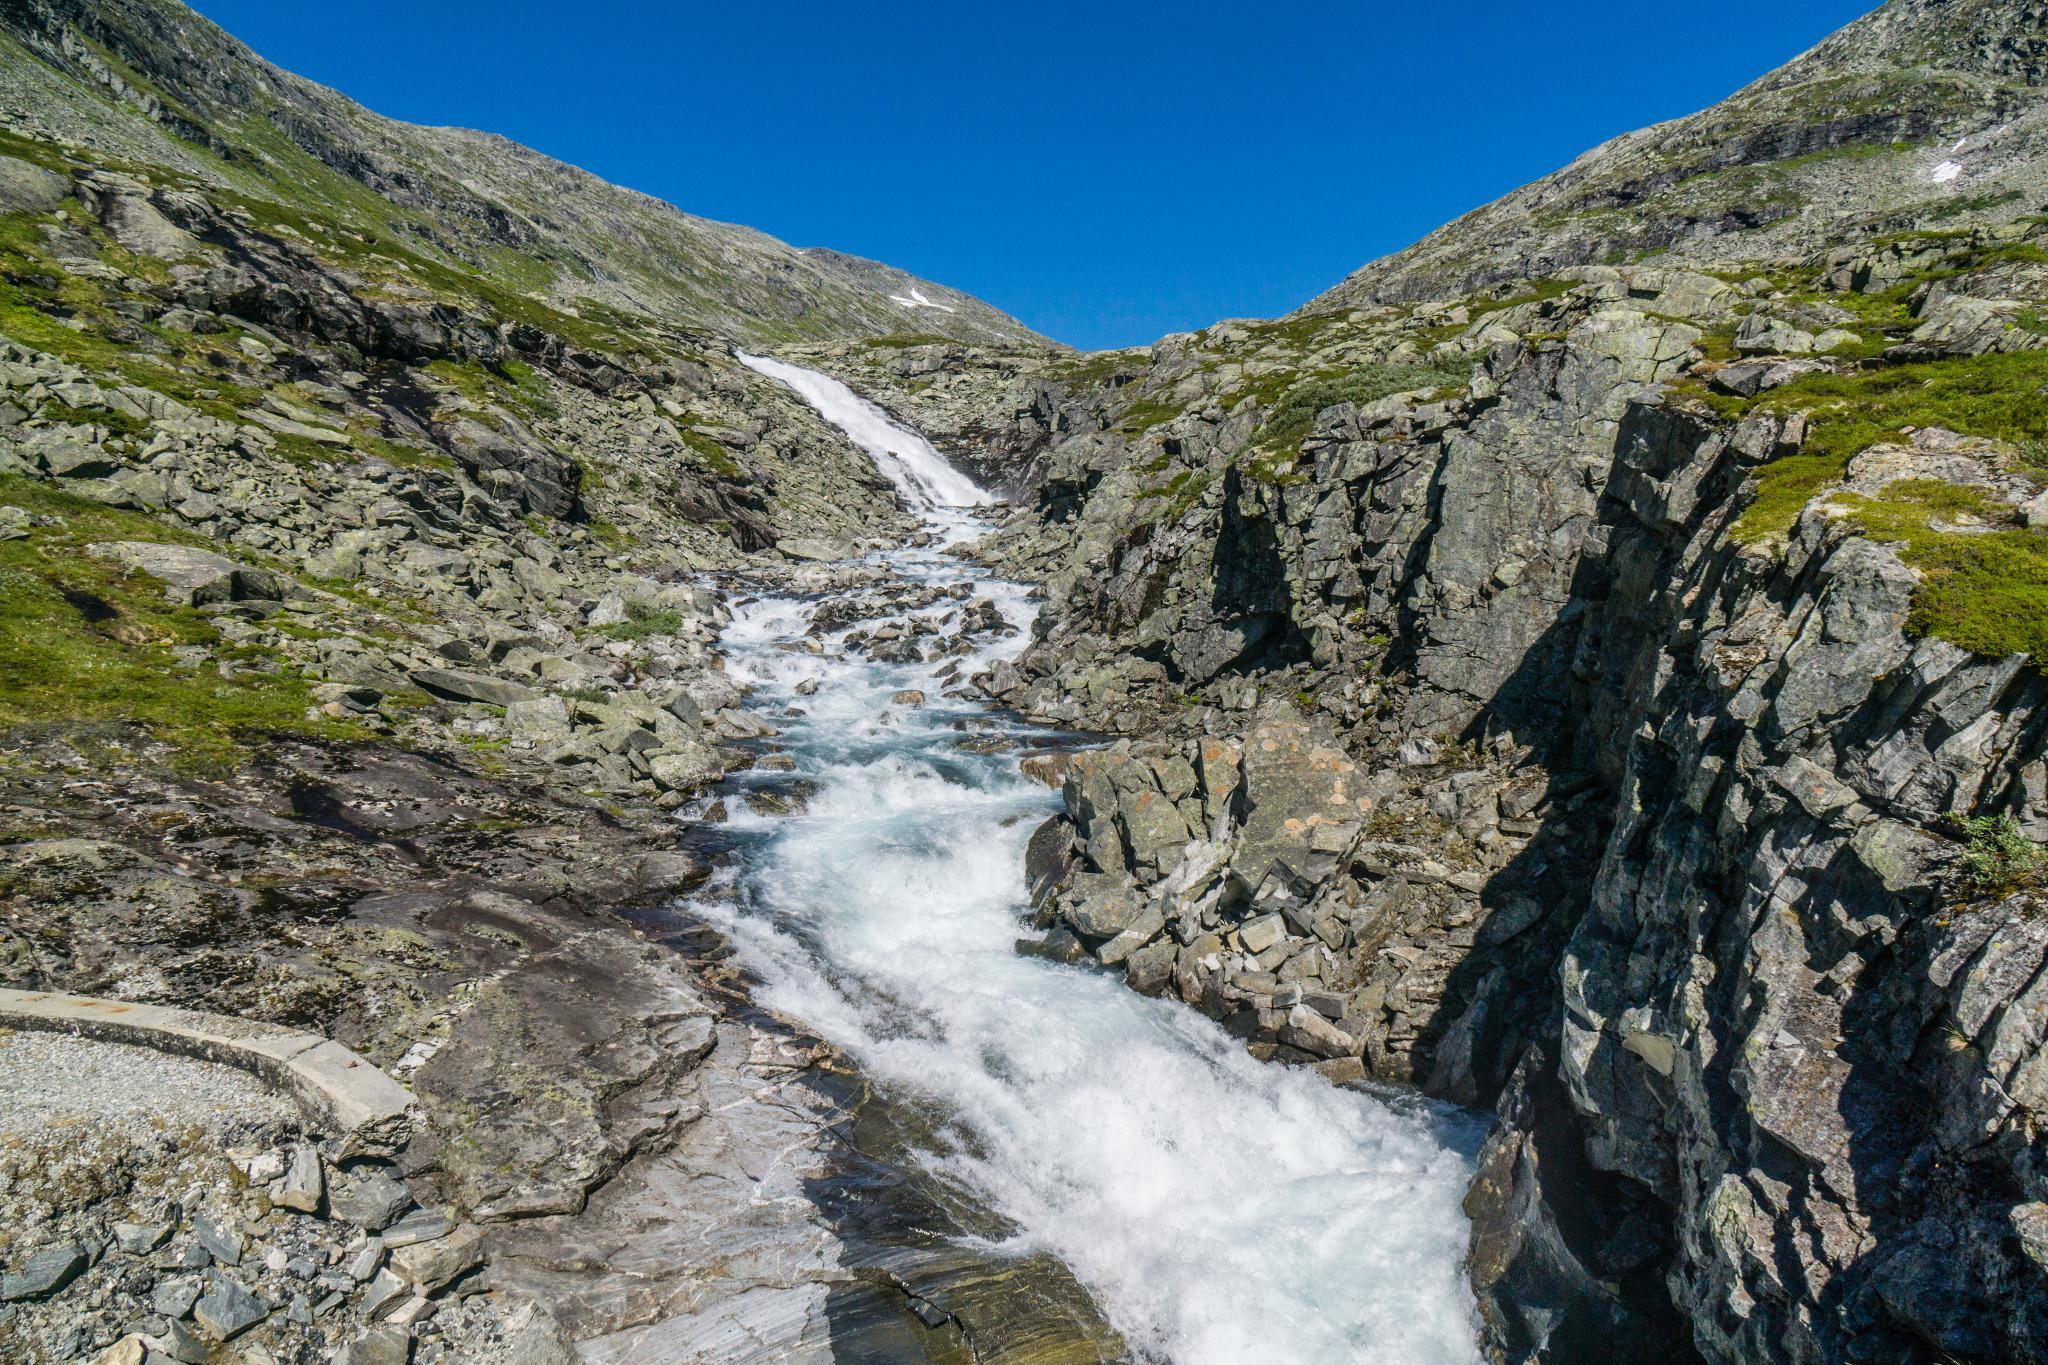 【北歐景點】朝聖歐洲大陸最大的冰河 - 挪威約詩達特冰河國家公園 (Jostedalsbreen National Park) 14